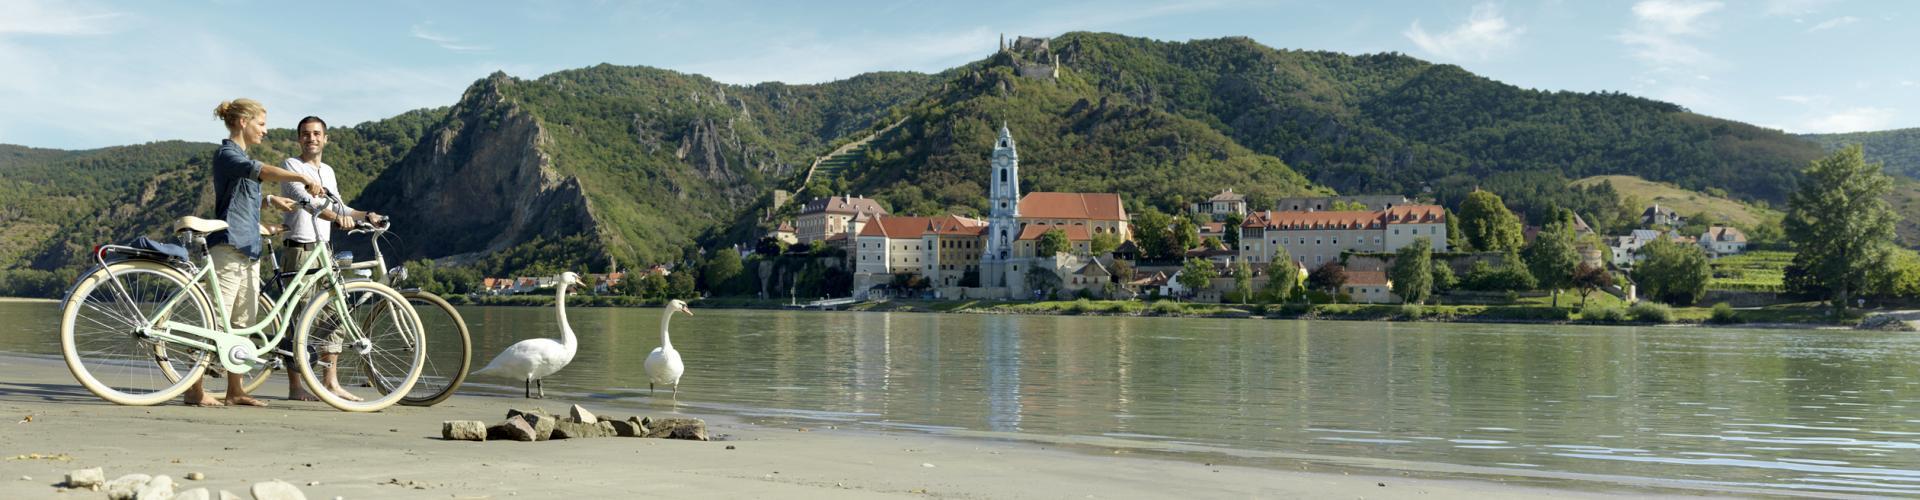 Radreisen auf dem Donauradweg